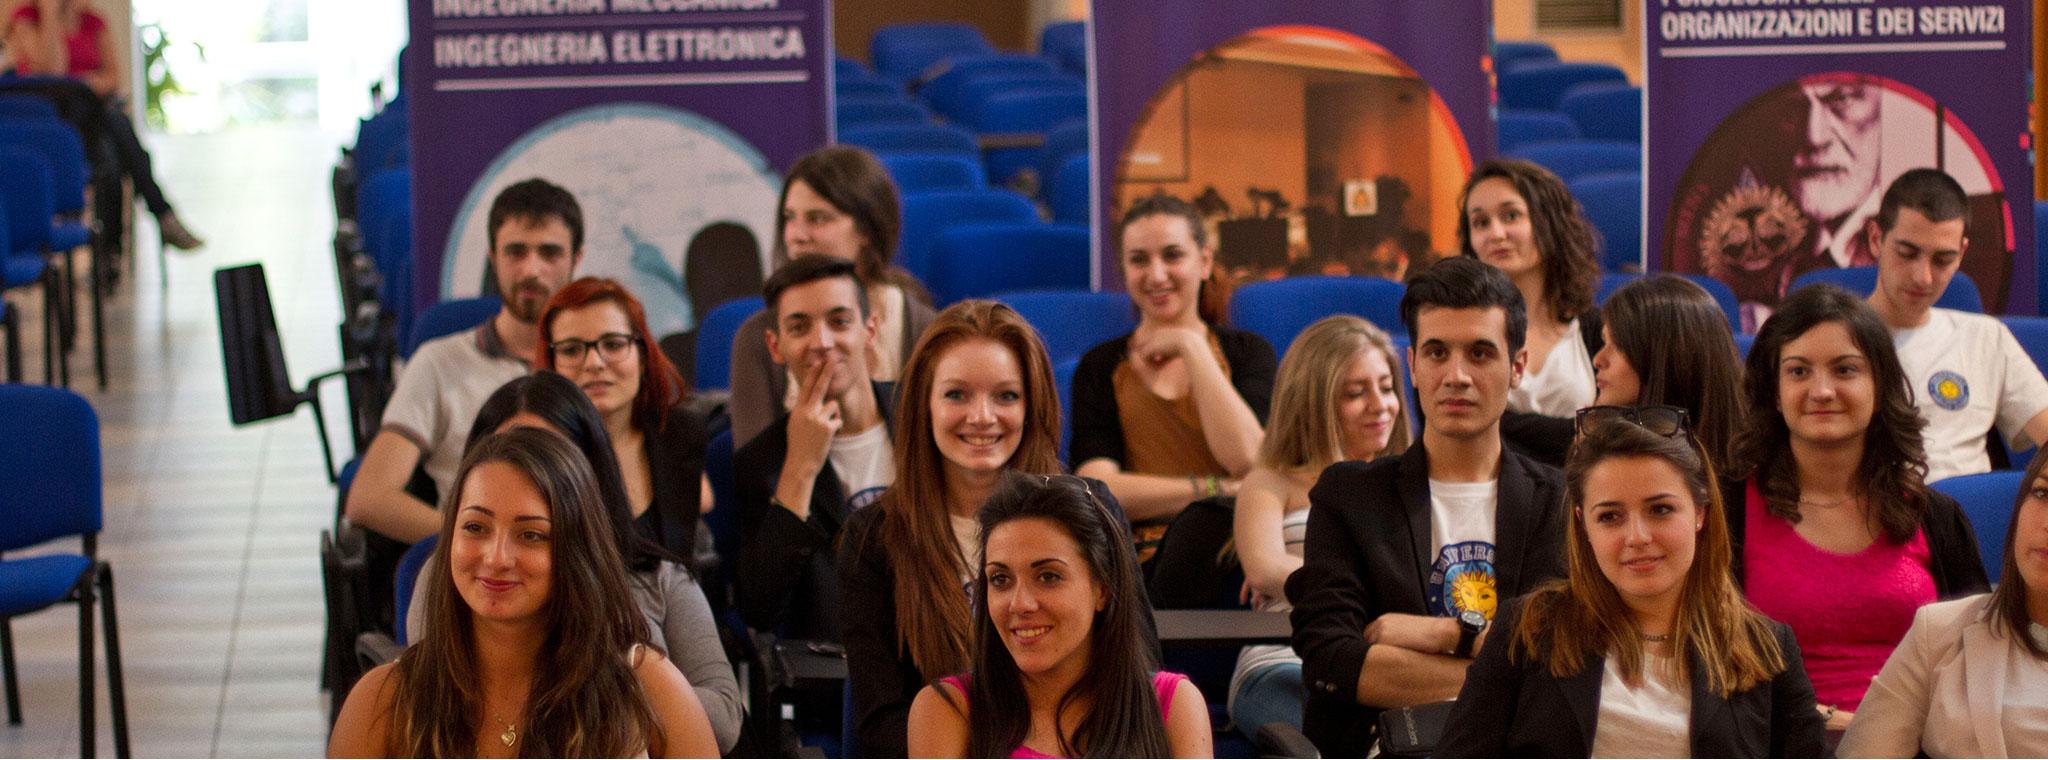 Alcuni liceali italiani hanno visitato l'Università Niccolò Cusano, una grande opportunità per tutti gli studenti